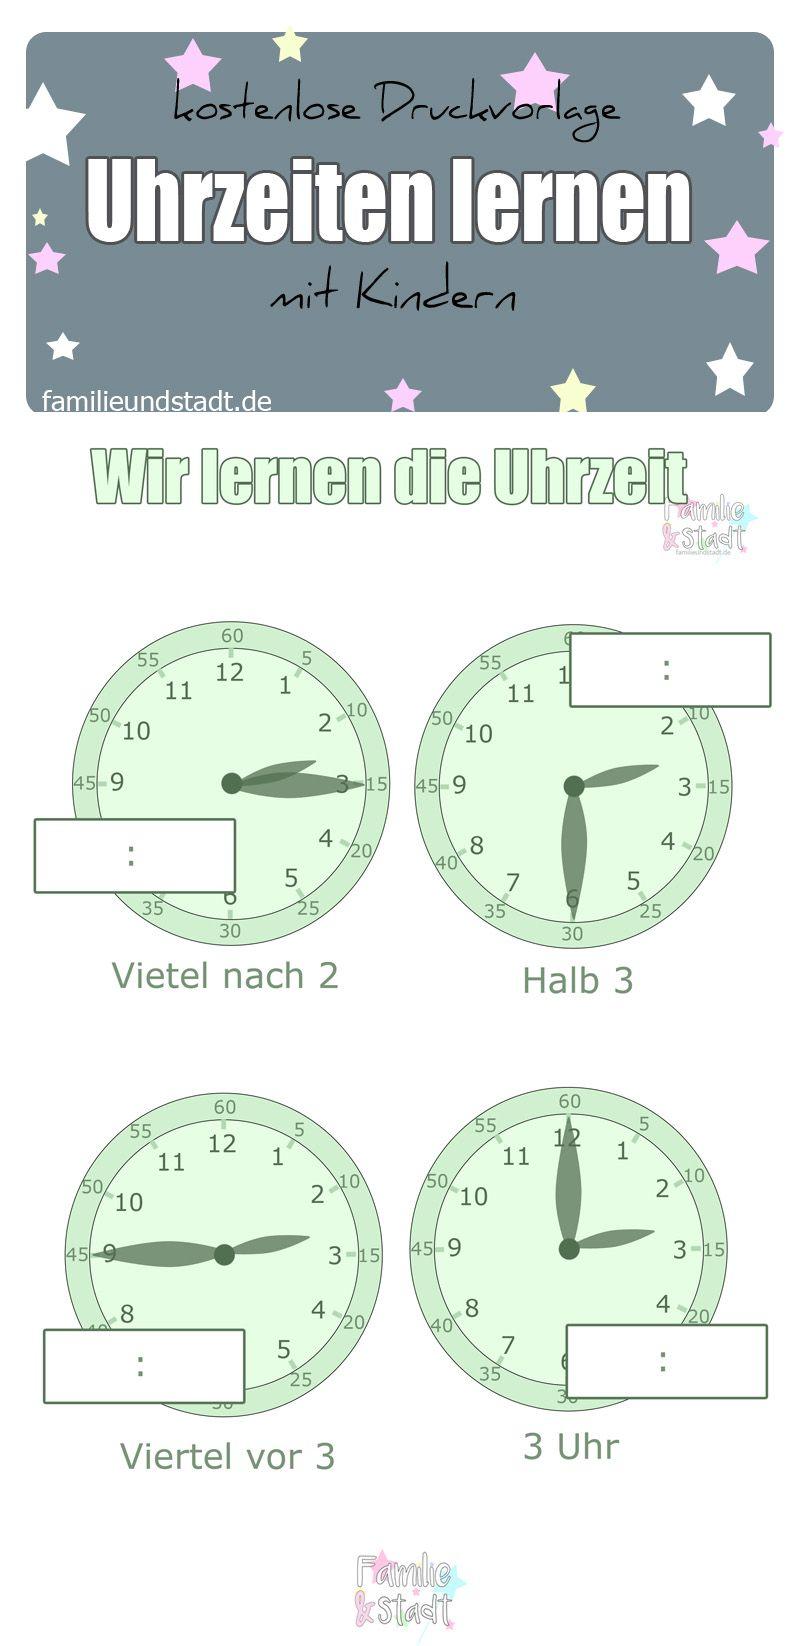 Uhrzeiten lernen mit Kindern - Druckvorlage | Occupational therapy